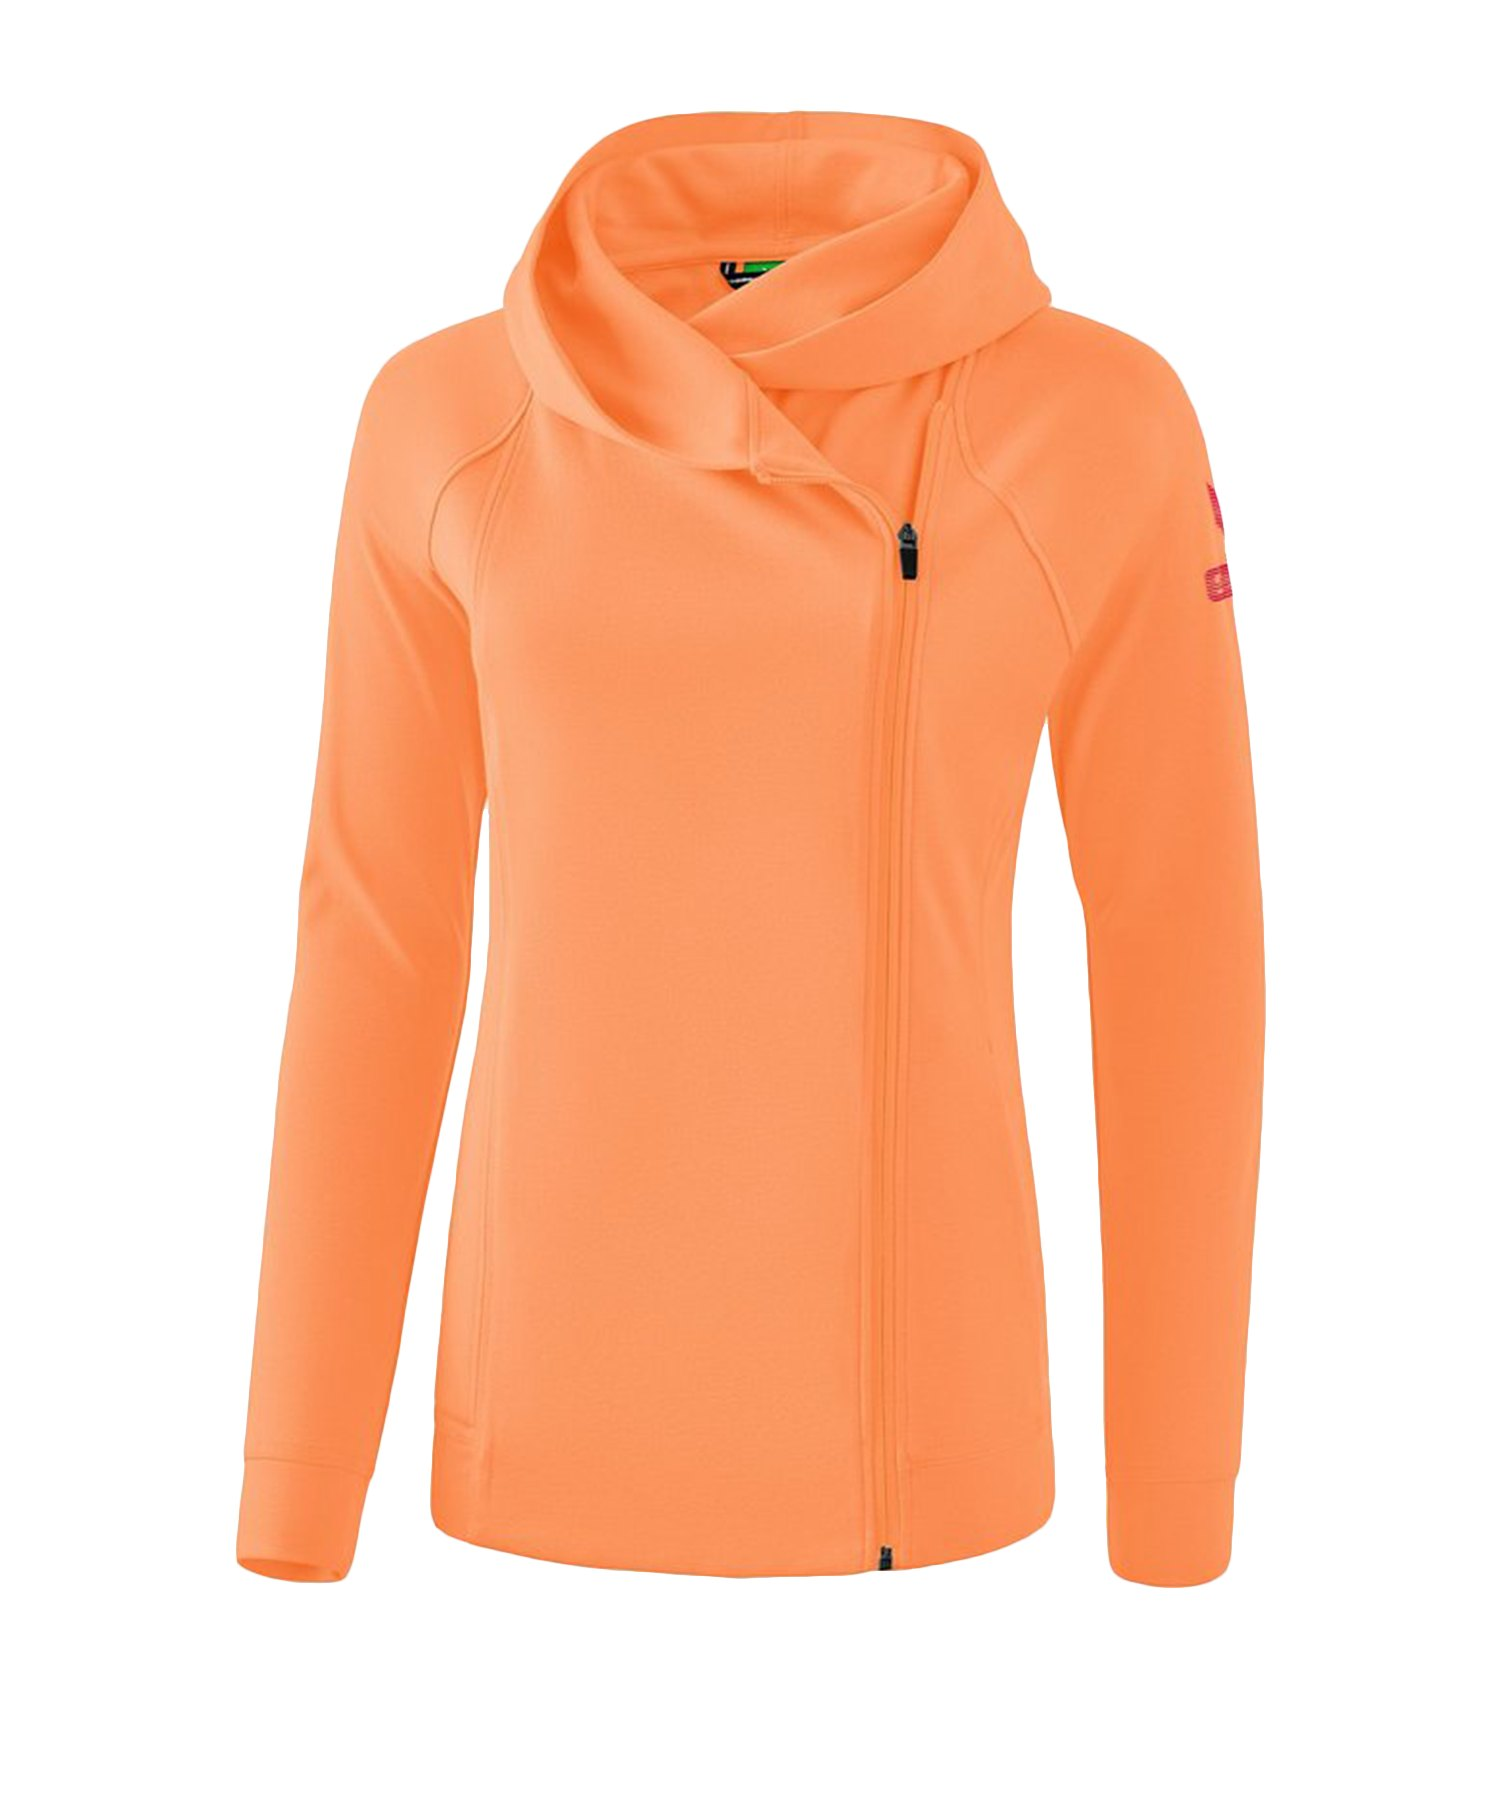 Erima Essential Kapuzensweatjacke Damen Orange - Orange